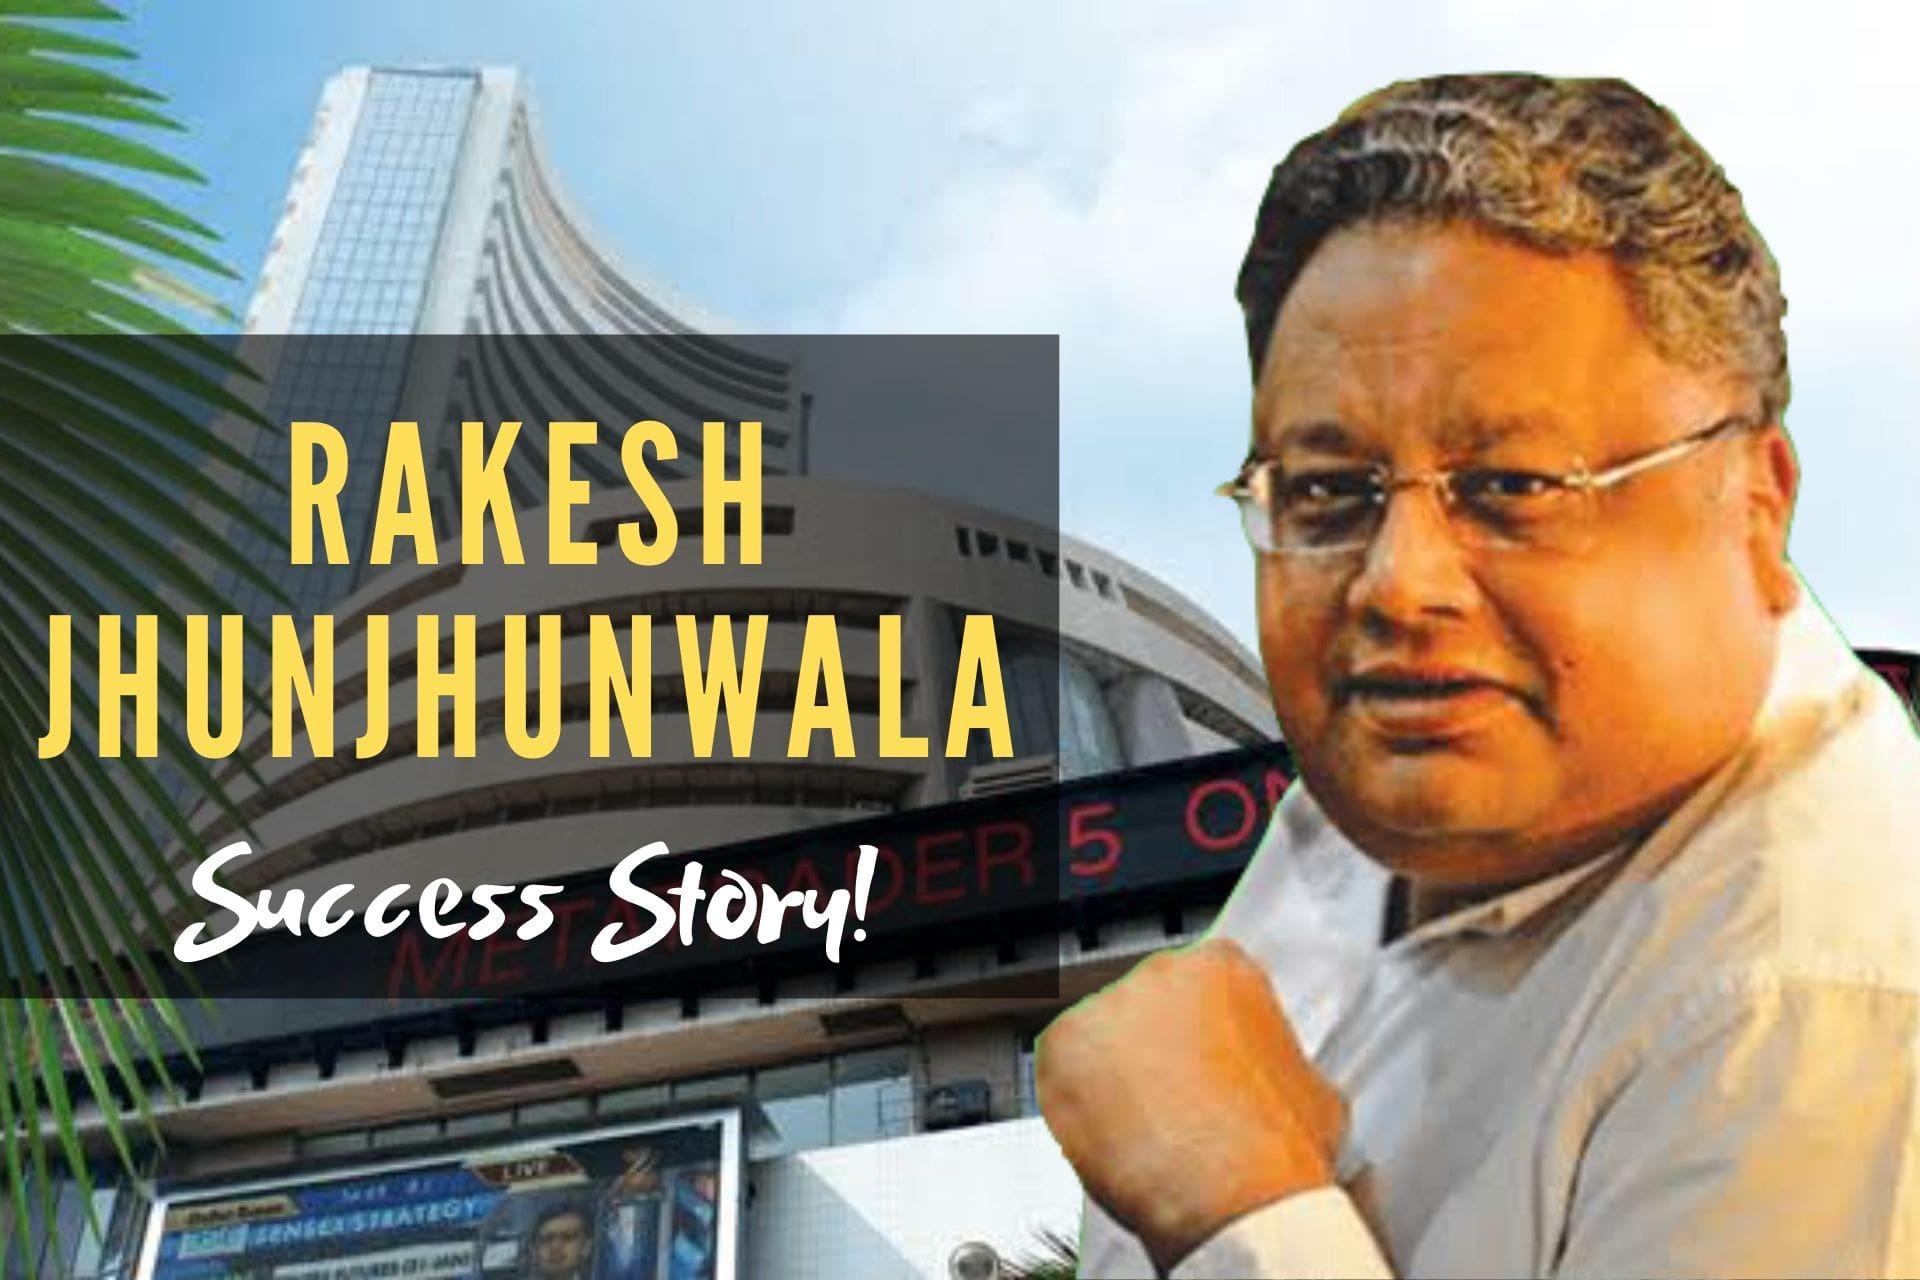 Rakesh Jhunjhunwala Success Story- Rs 5,000 to Rs 19,000 Crores!!